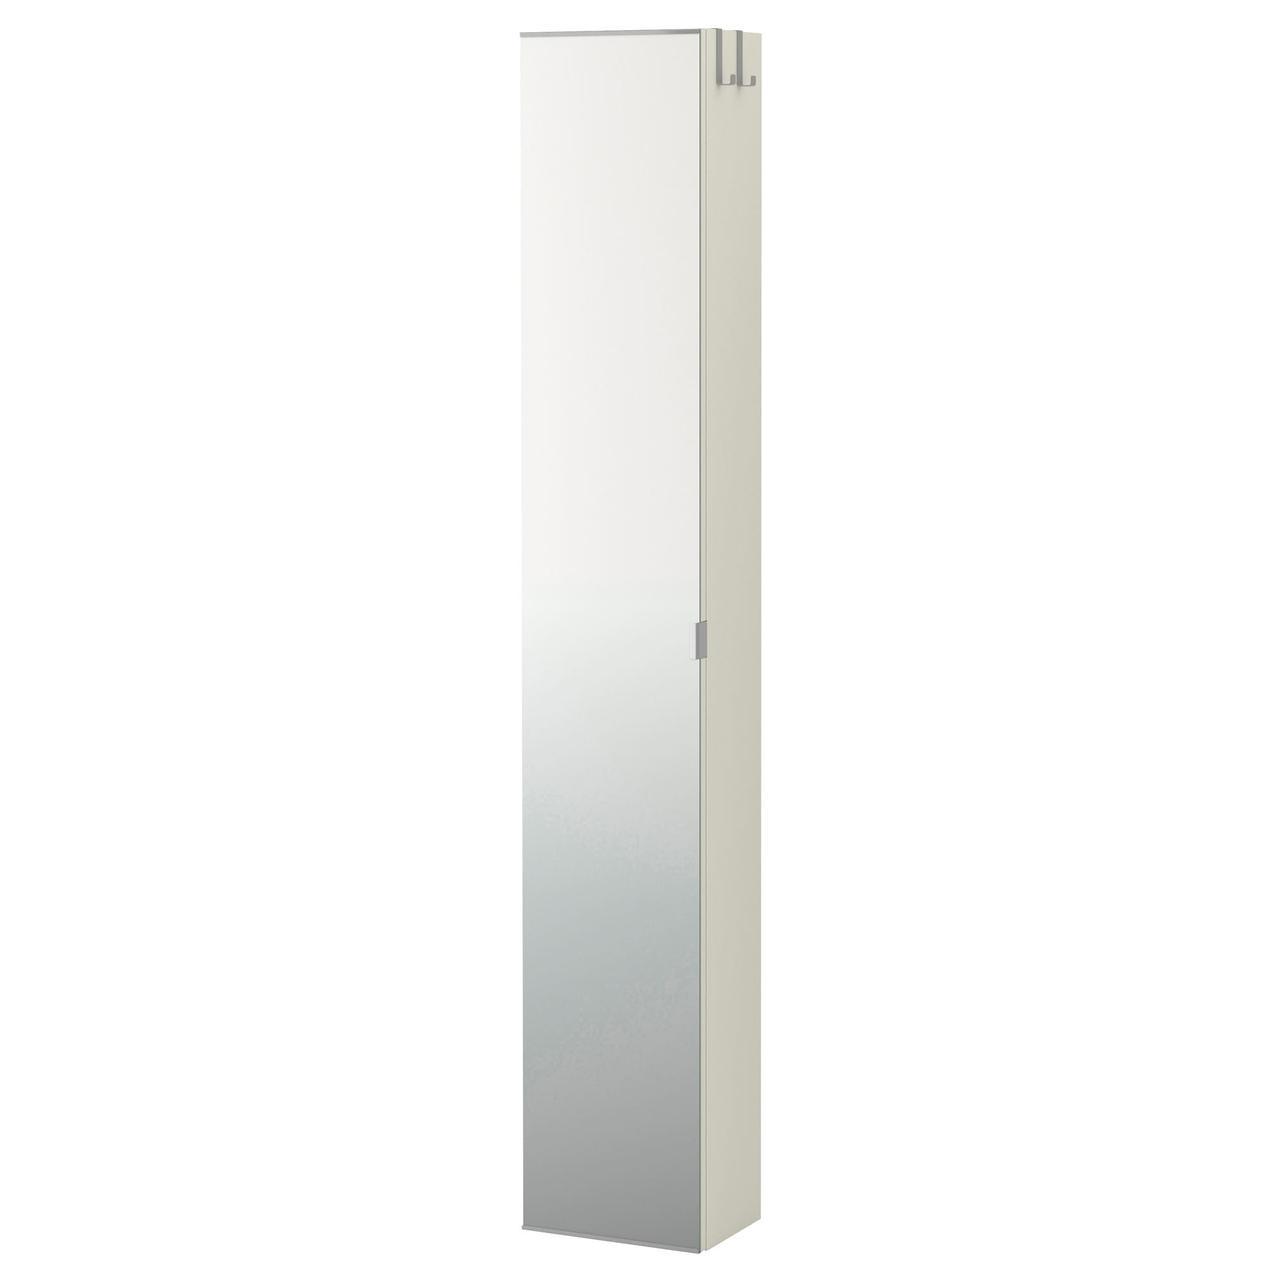 ЛИЛЛОНГЕН Высокий шкаф с зеркальной дверцей, белый